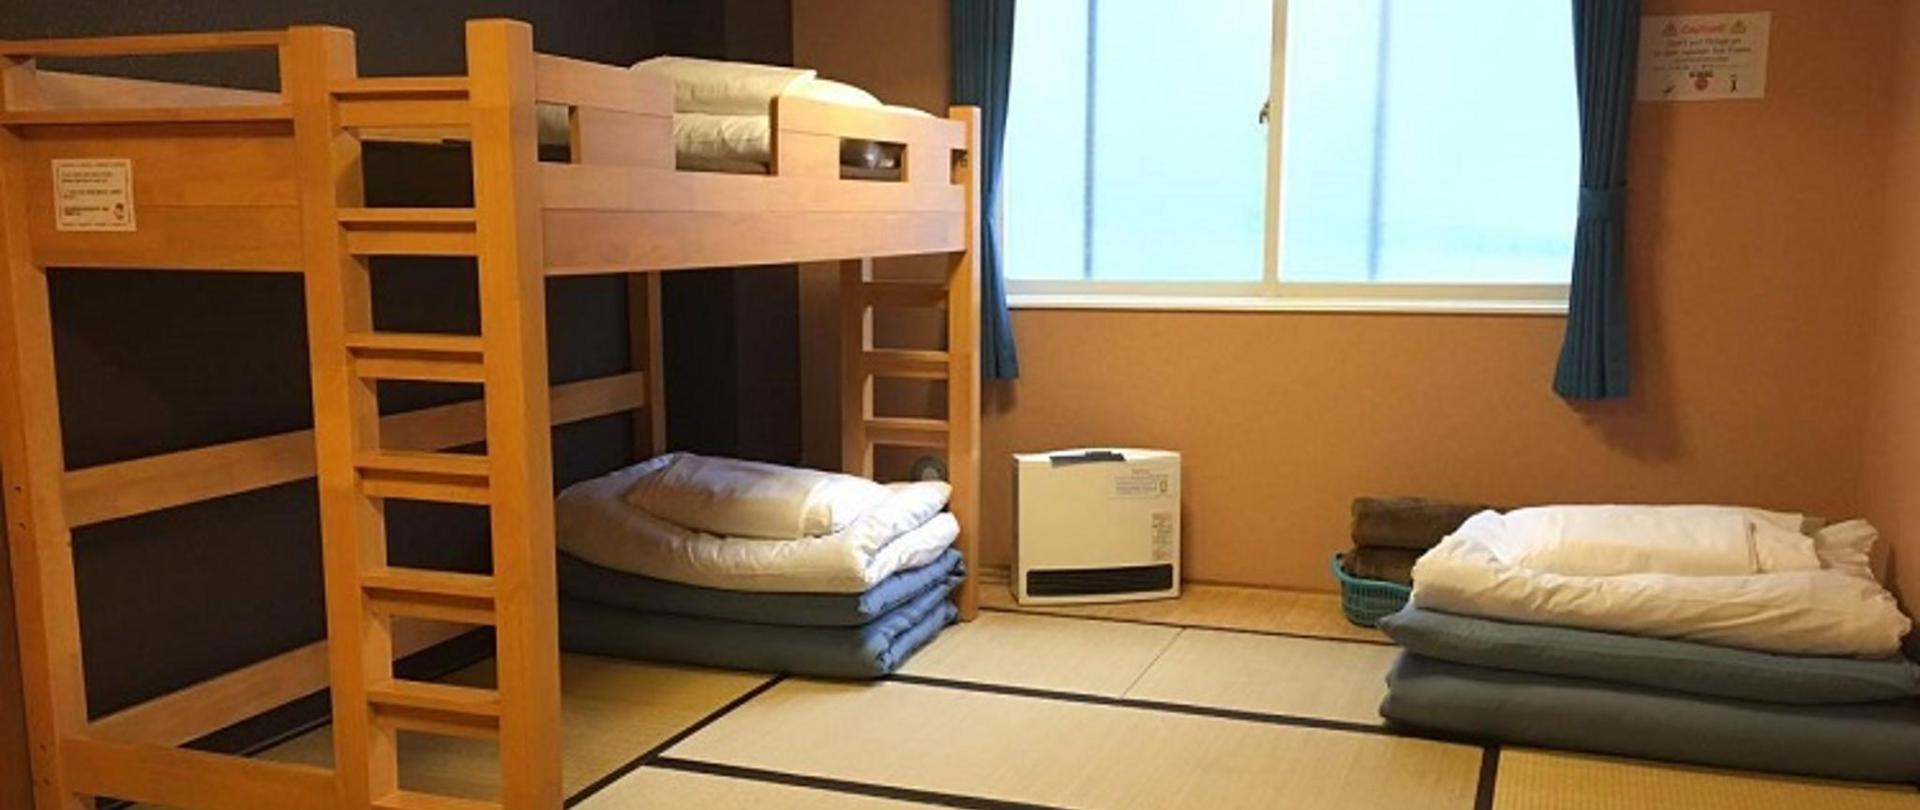 Семеен хостел Khaosan Sapporo